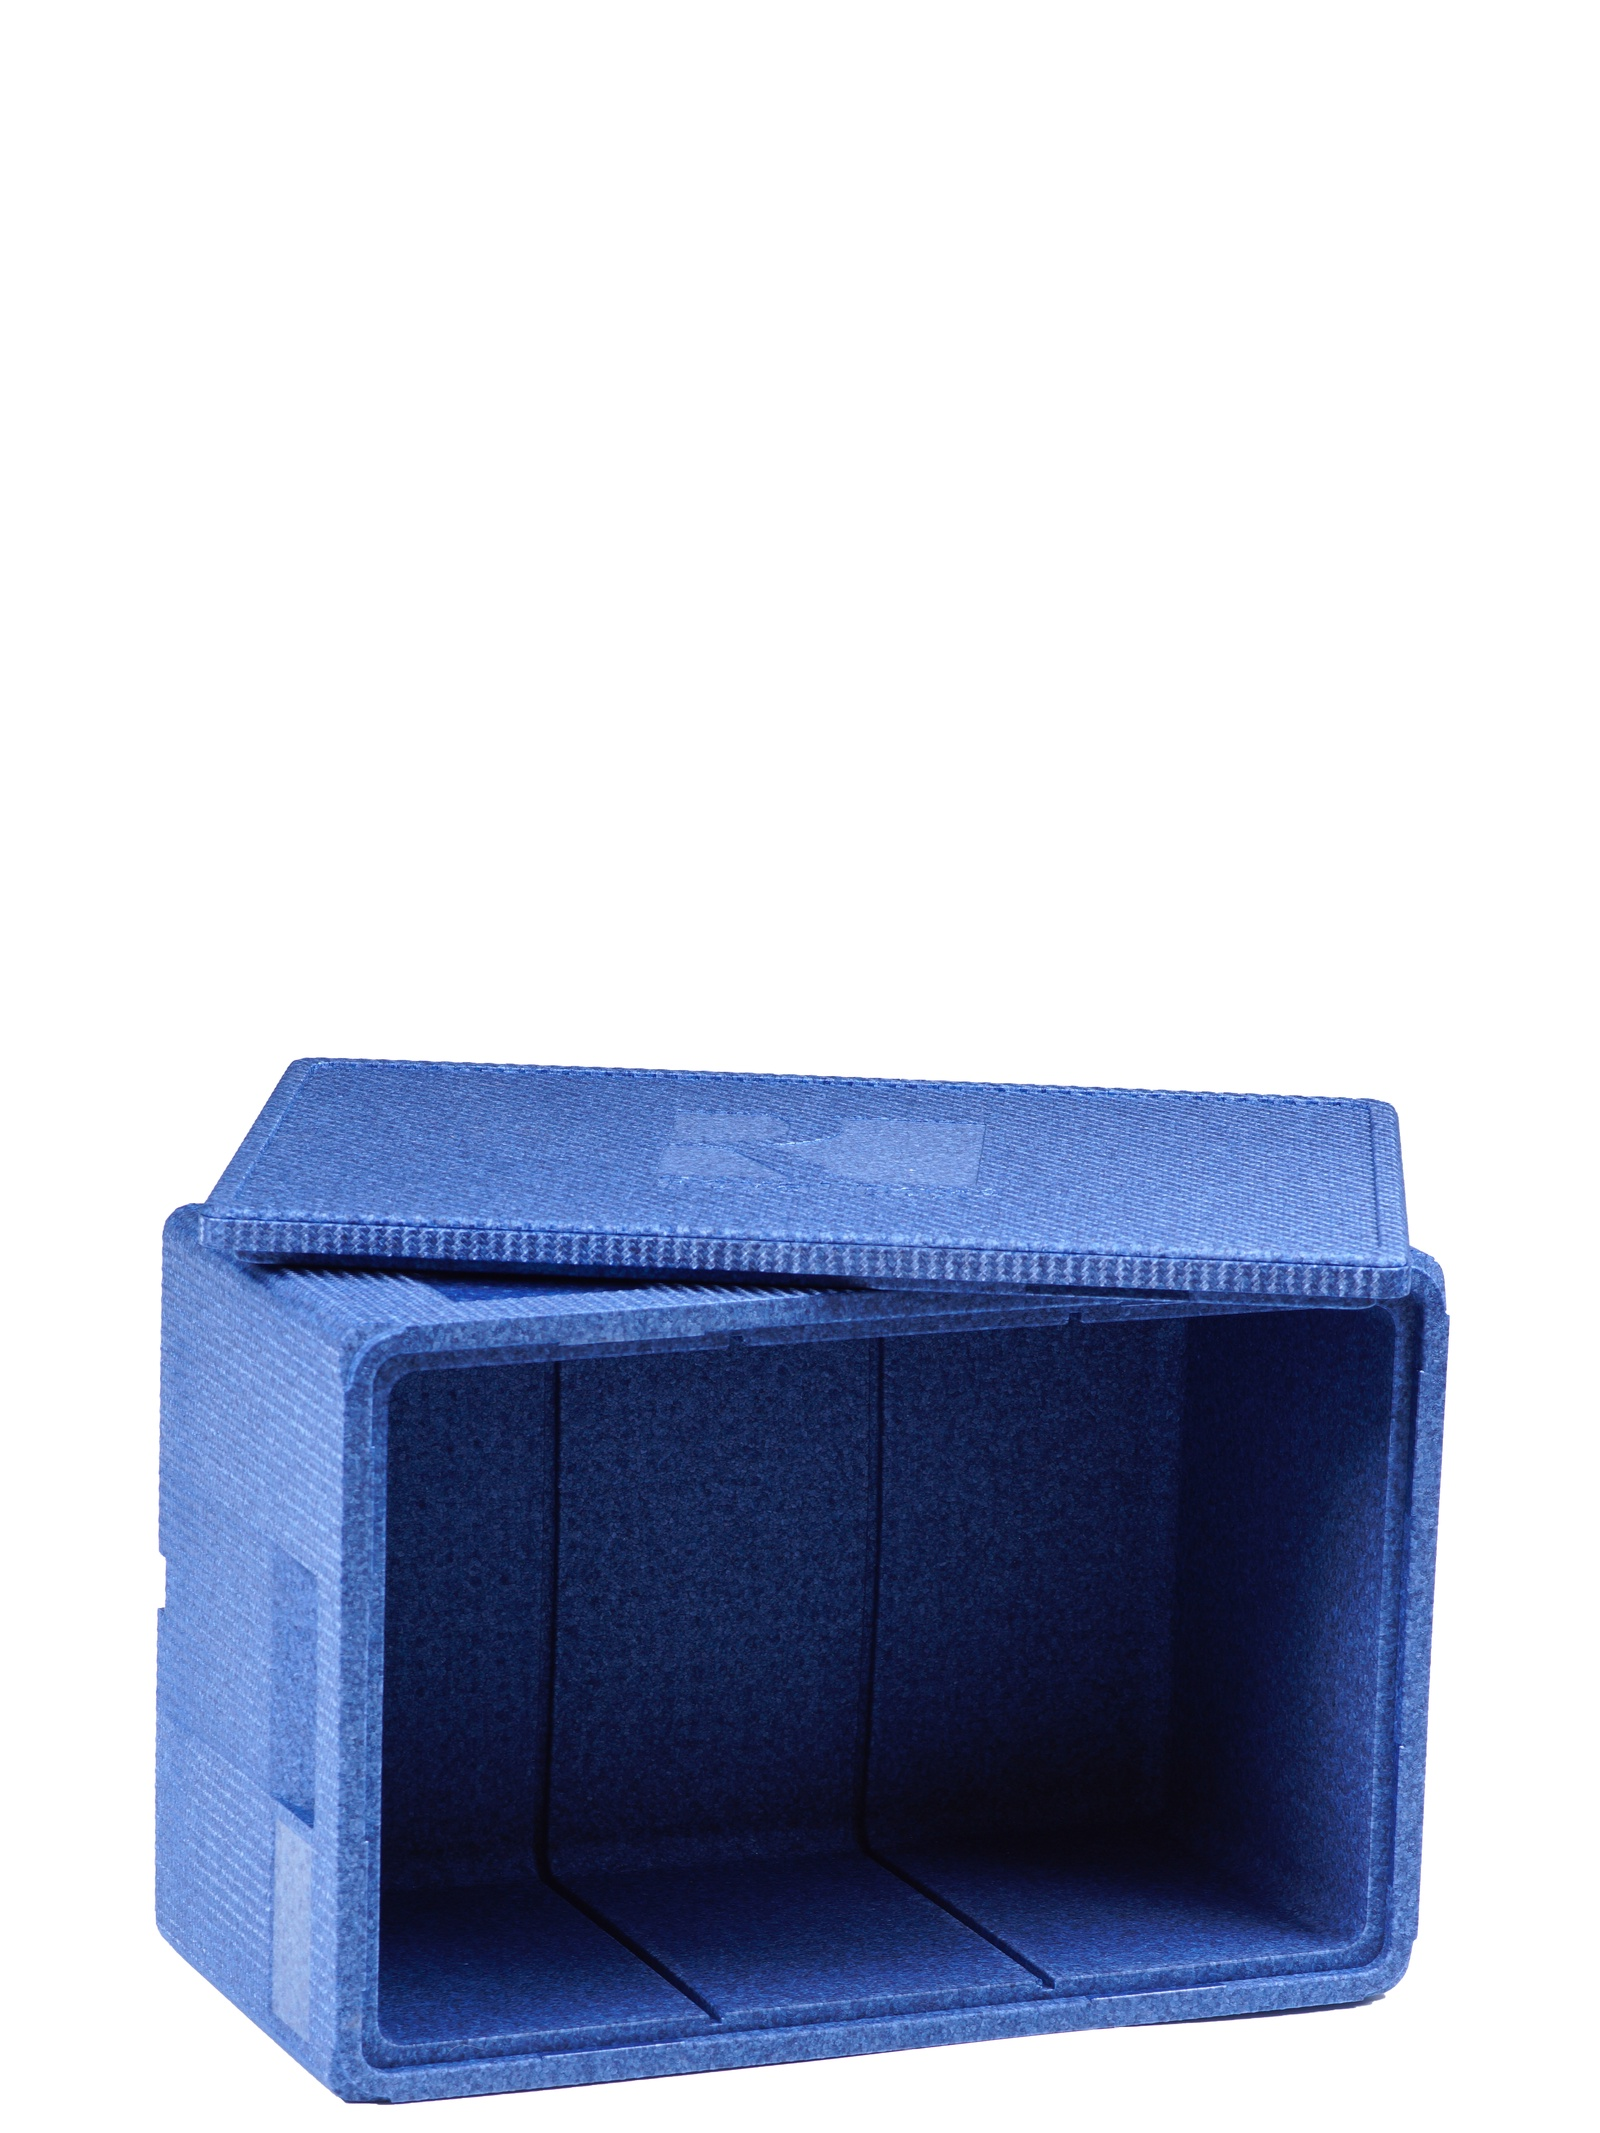 Изотермический контейнер Royal Box Unique синий, 32л